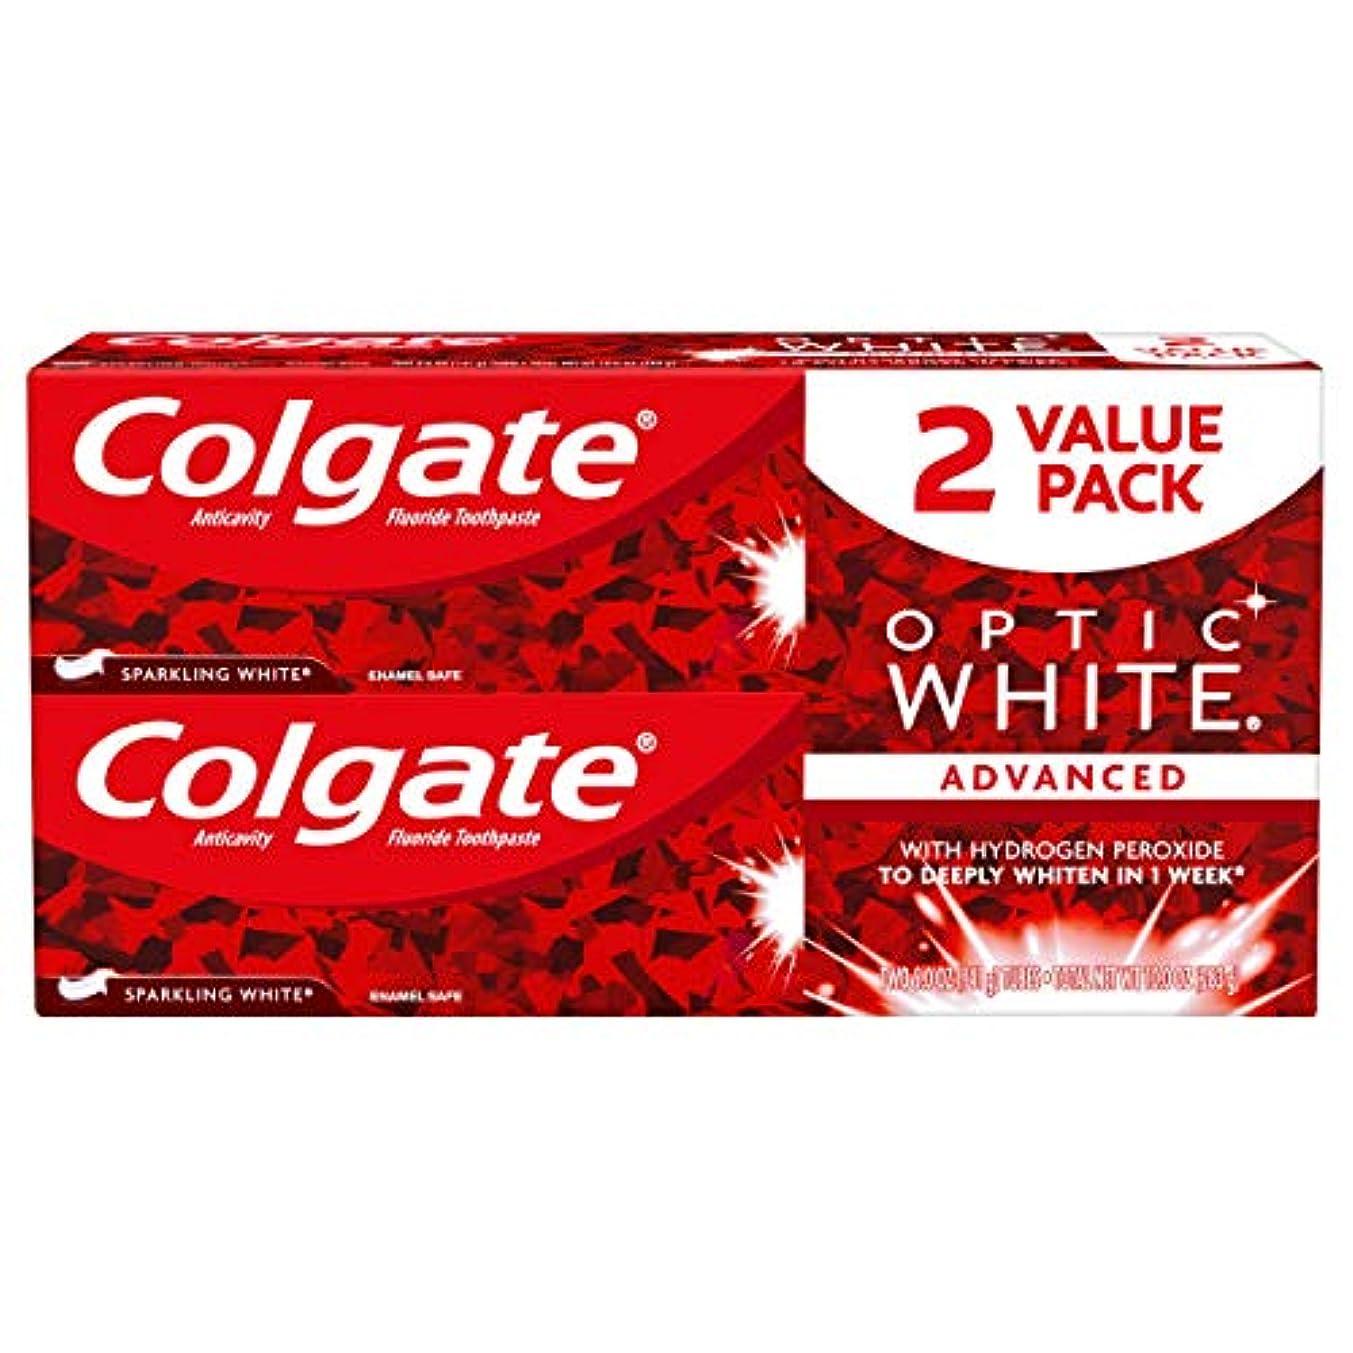 誘う遅い眠いですColgate オプティックホワイト虫歯予防フッ素歯磨きスパークリングミント - 2 PK